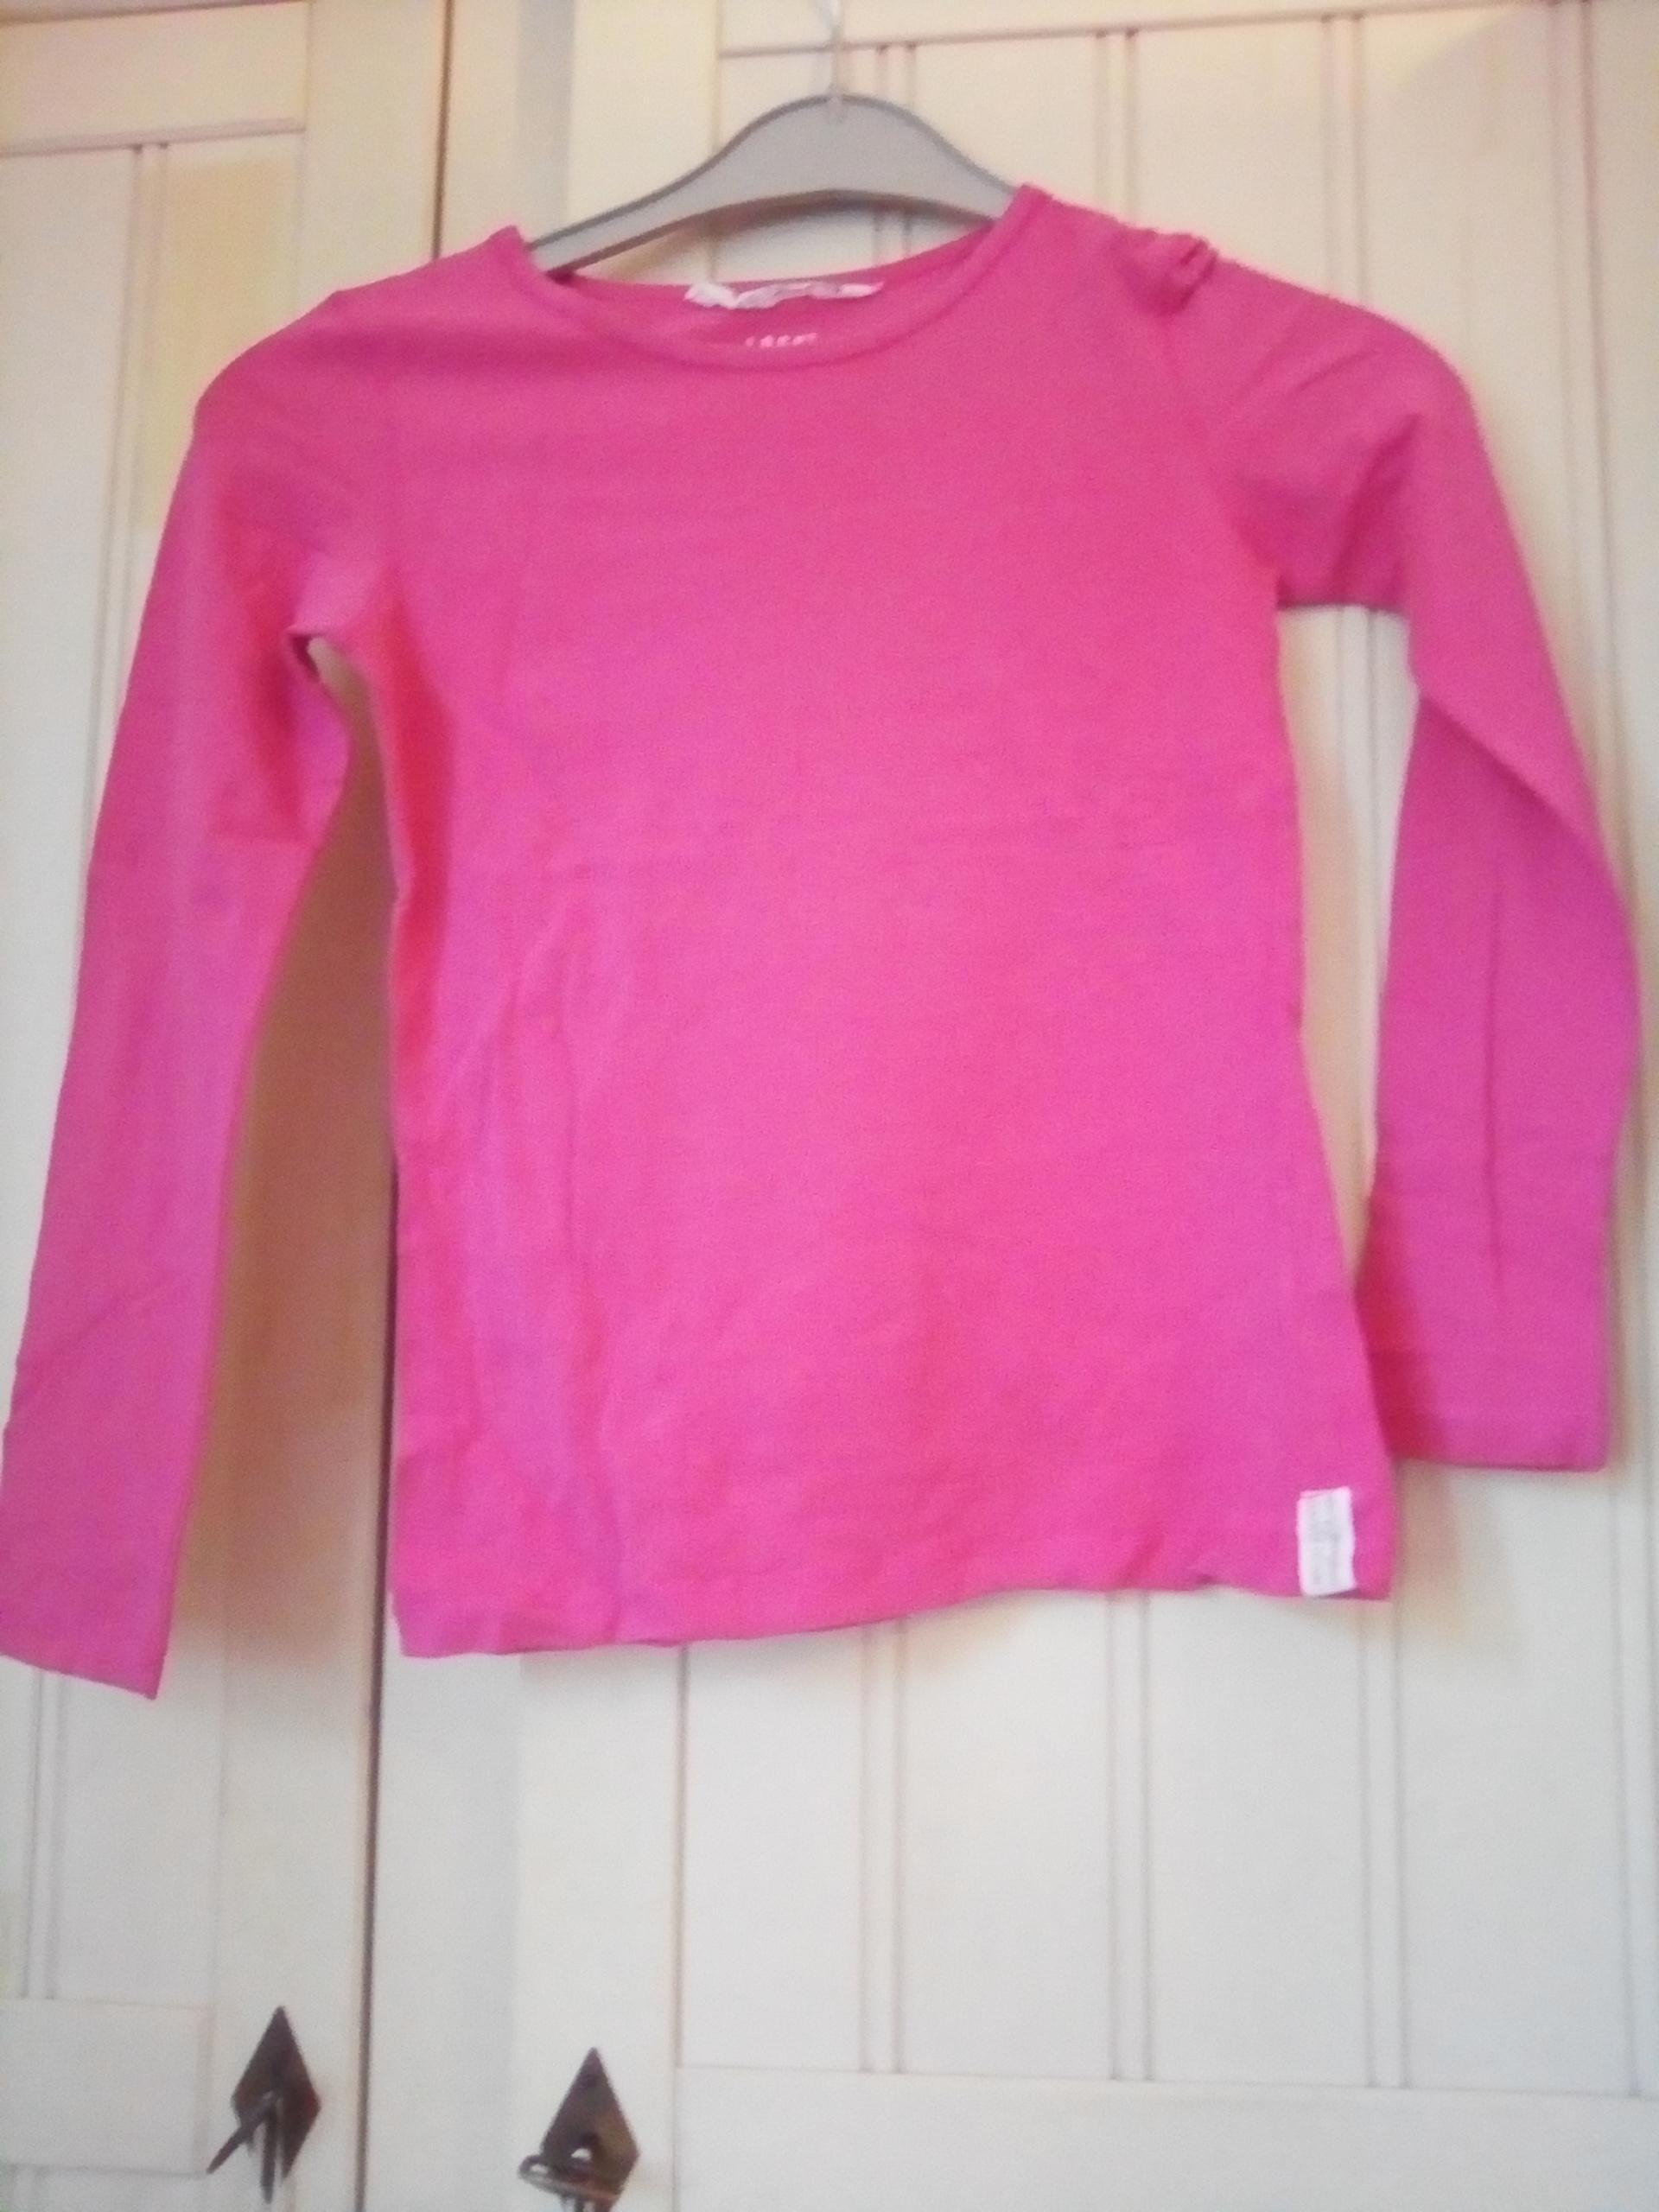 e49fd11e383cf troc de troc lot de 2 t-shirts manches longues fille 8 10 ans